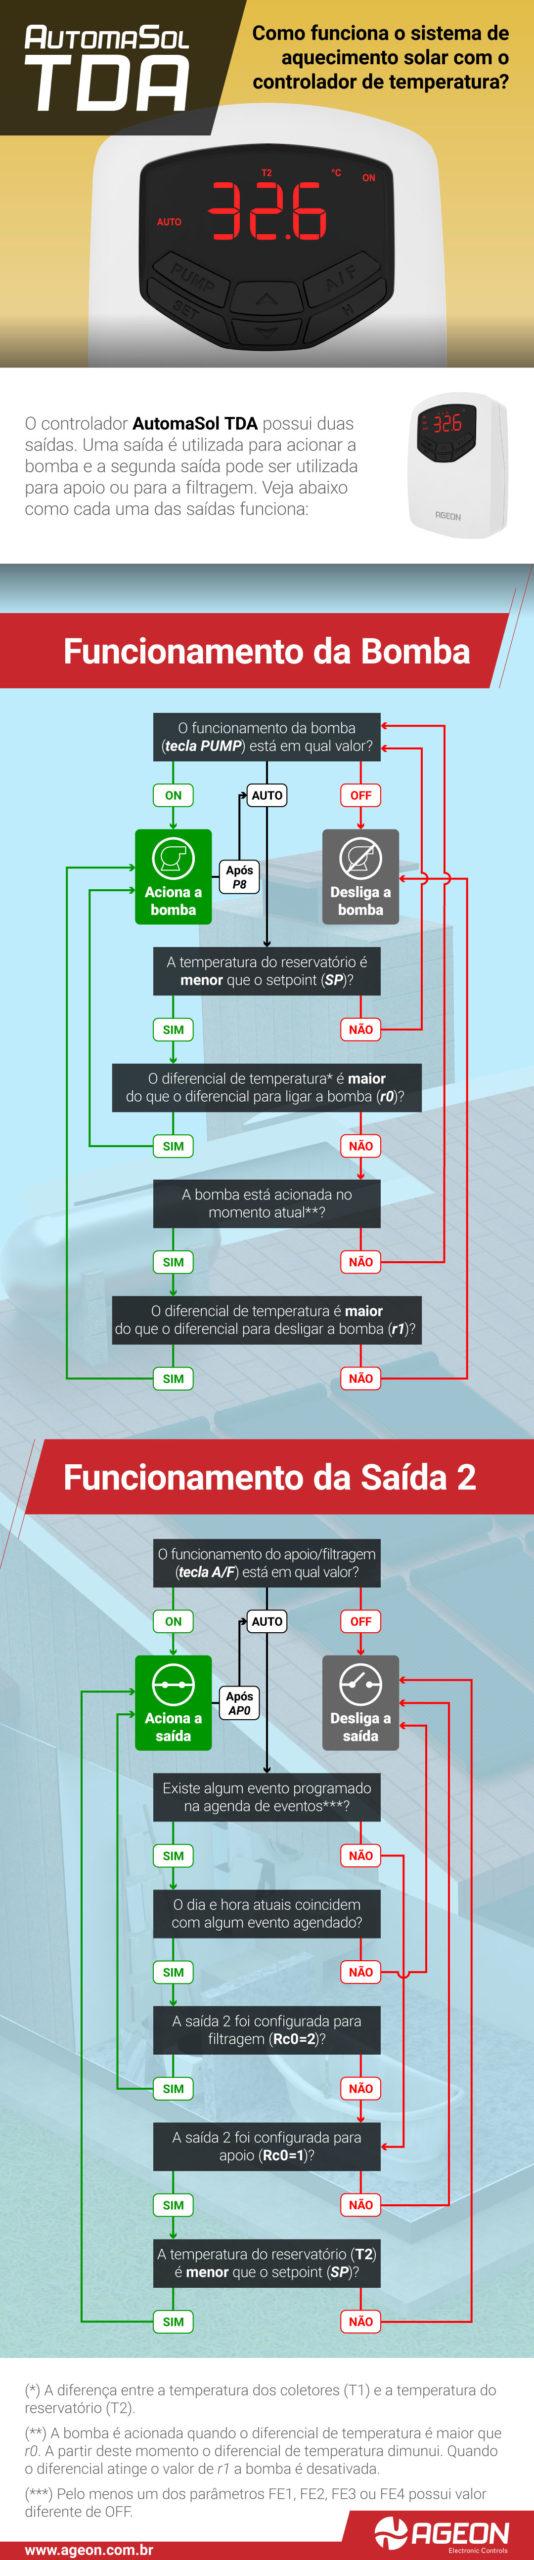 INFOGRÁFICO - Como funciona o controlador para Aquecimento Solar Automasol TDA